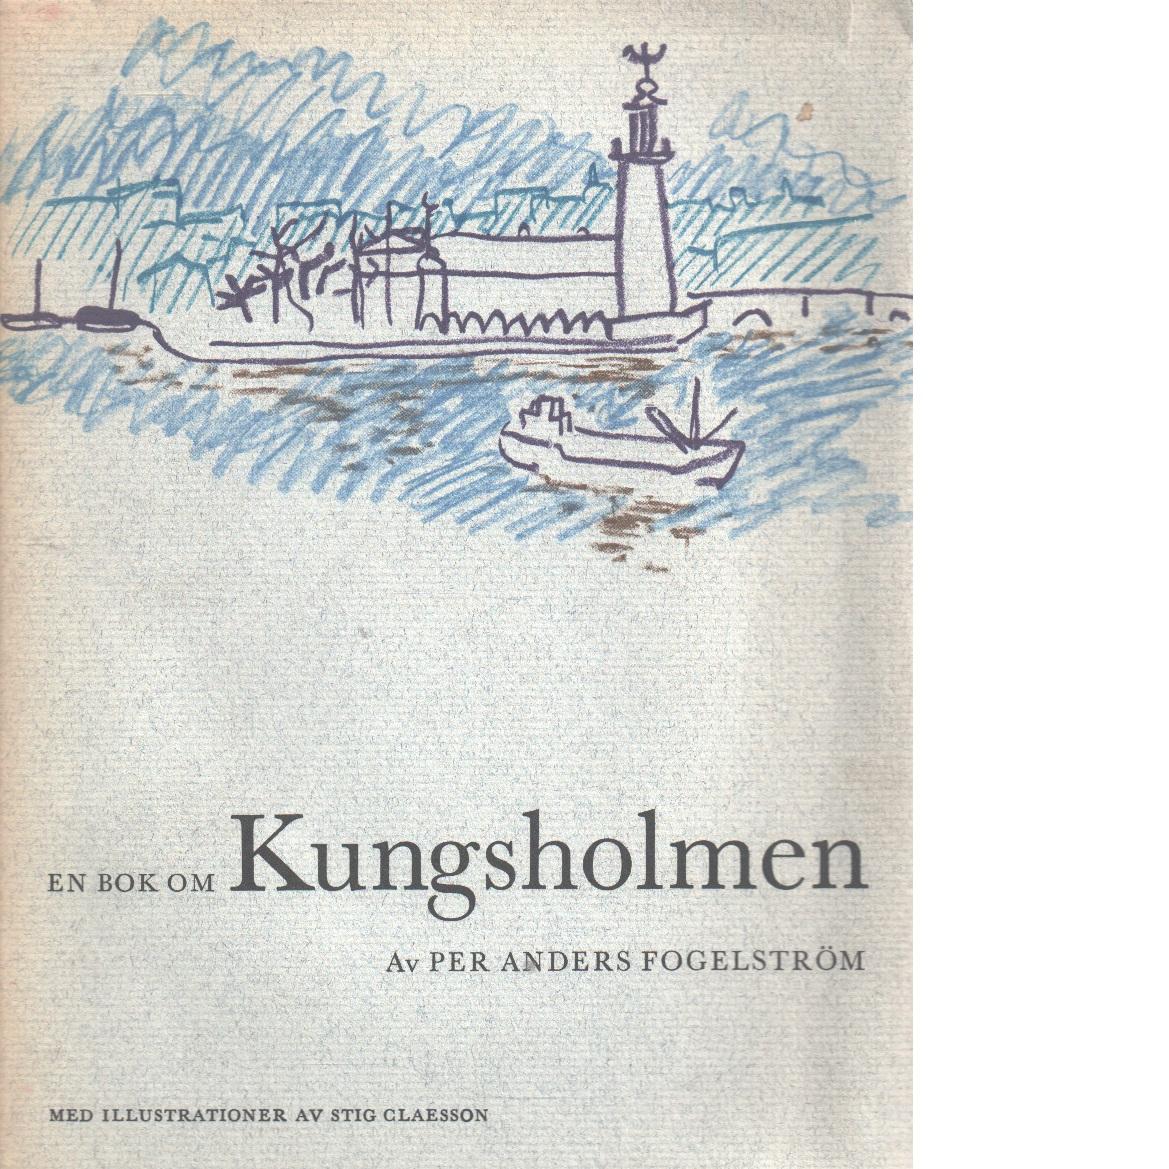 En bok om Kungsholmen - Fogelström Per Anders